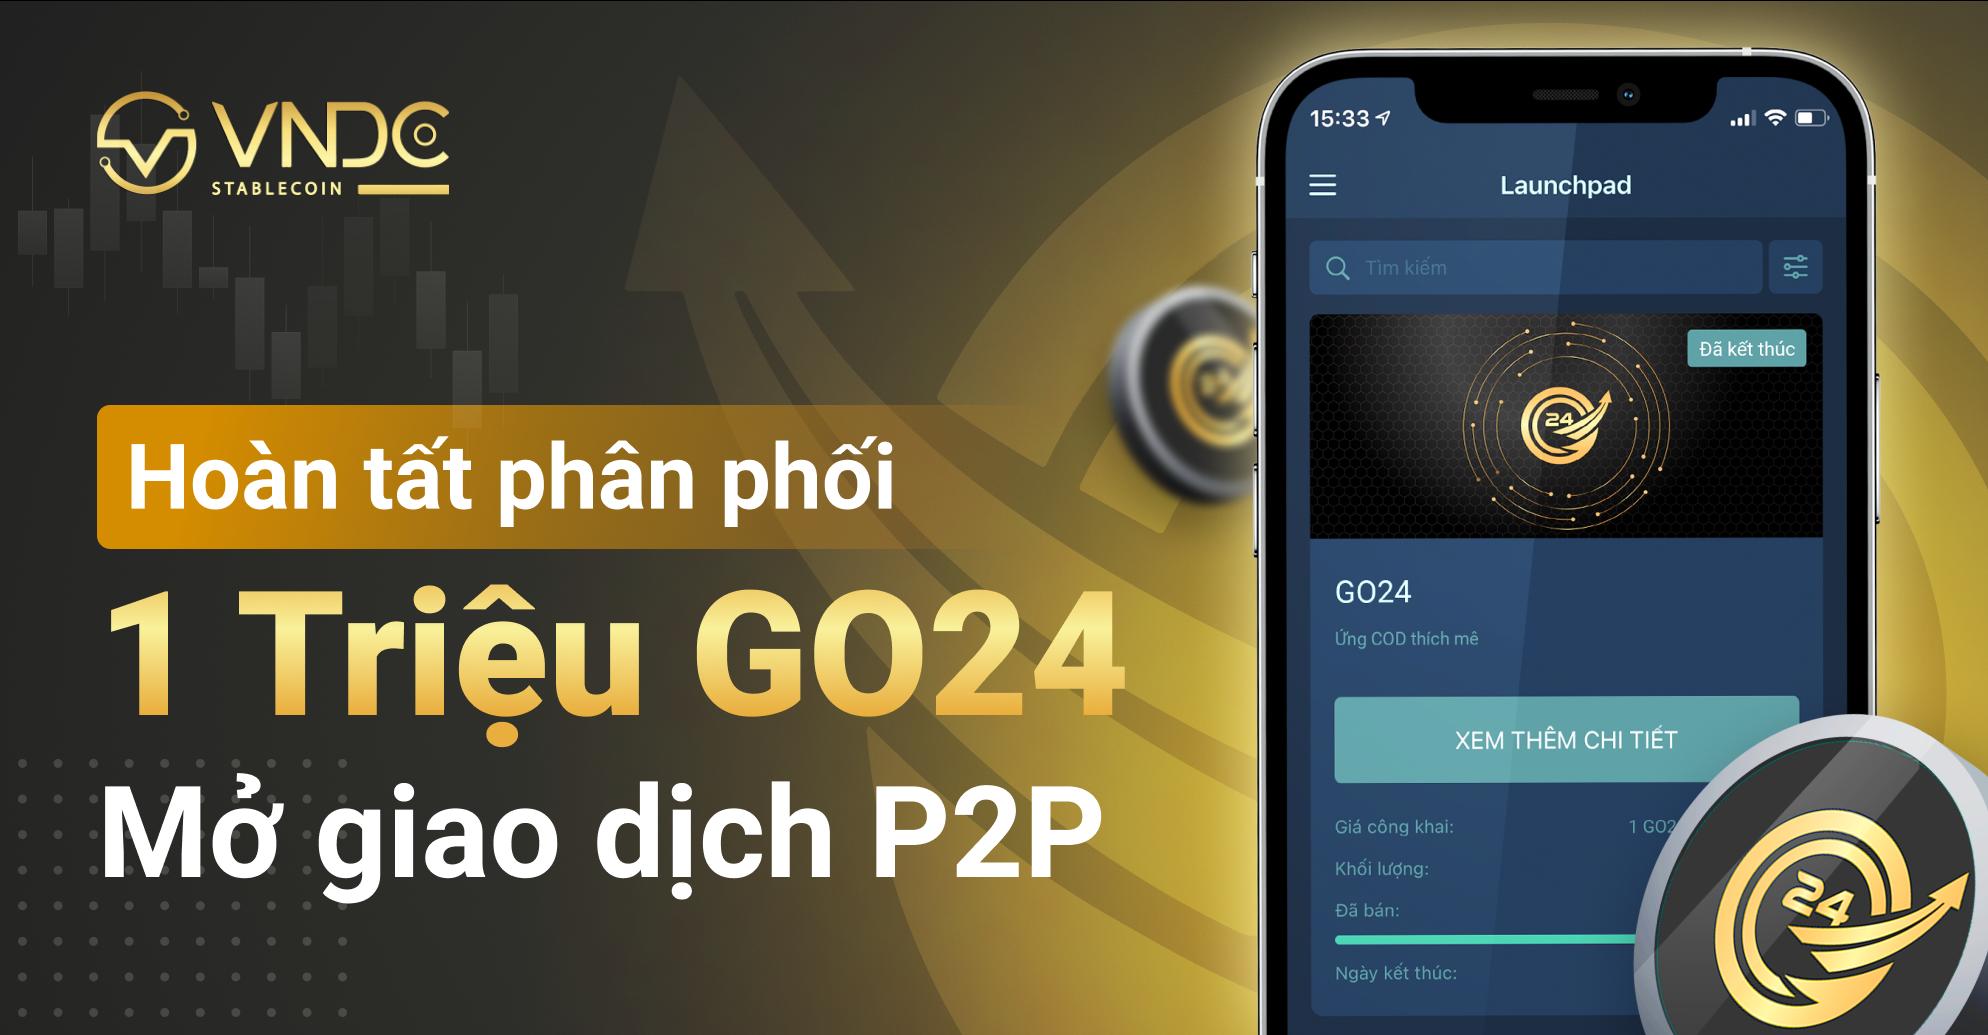 Hoàn tất phân phối 1 triệu GO24 sau 4 phút, đã mở giao dịch P2P